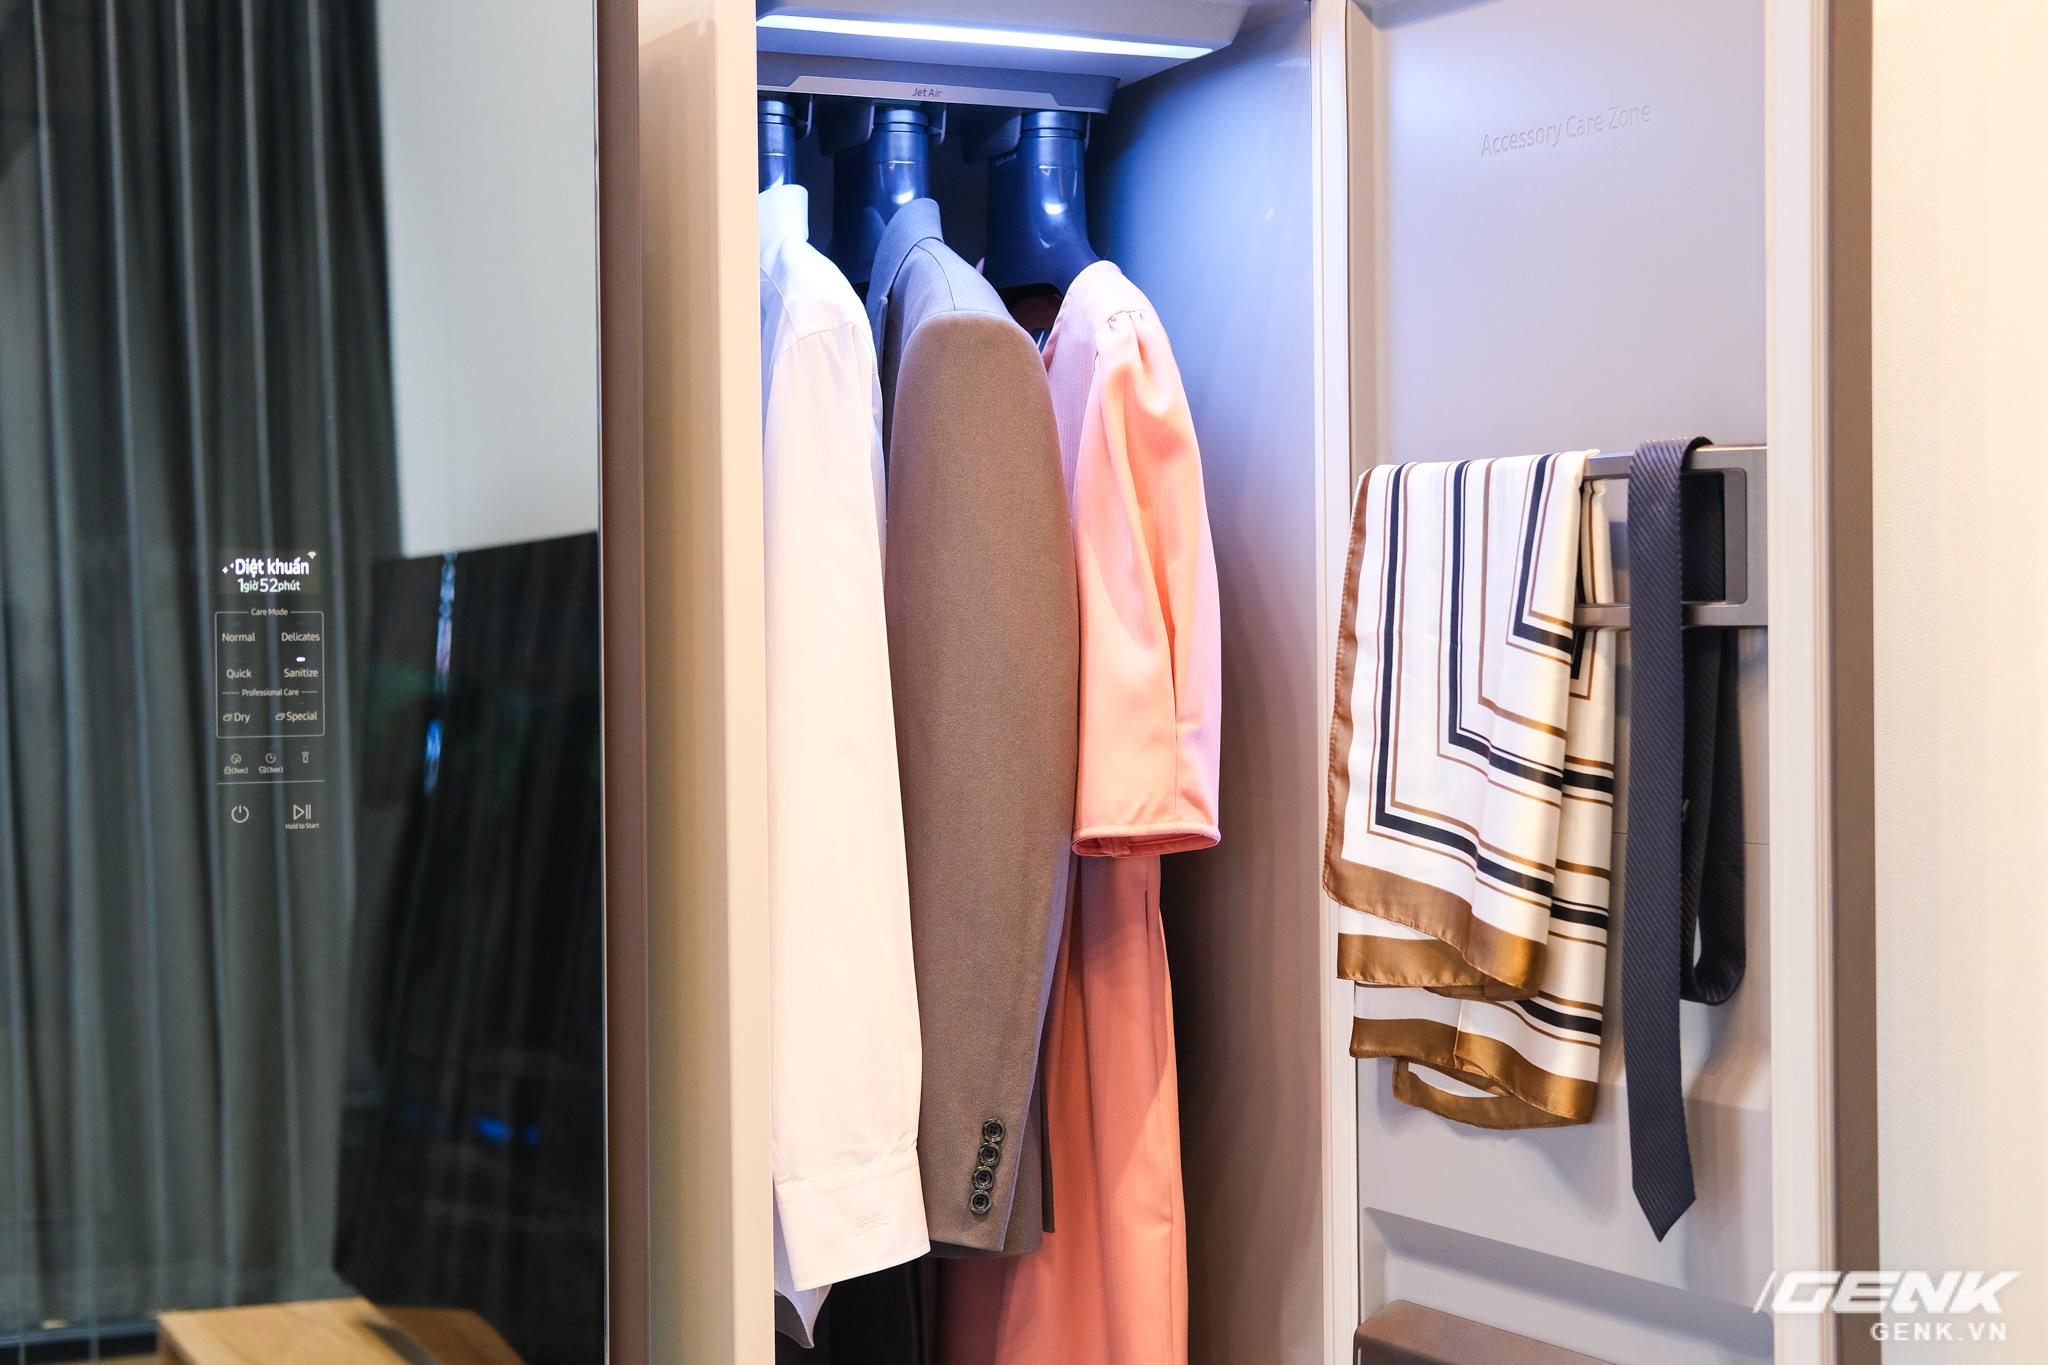 Nhìn cứ ngỡ đây là tủ treo quần áo thông thường, nhưng hóa ra nó lại là thiết bị chăm sóc quần áo chuẩn spa hiện đại - Ảnh 7.